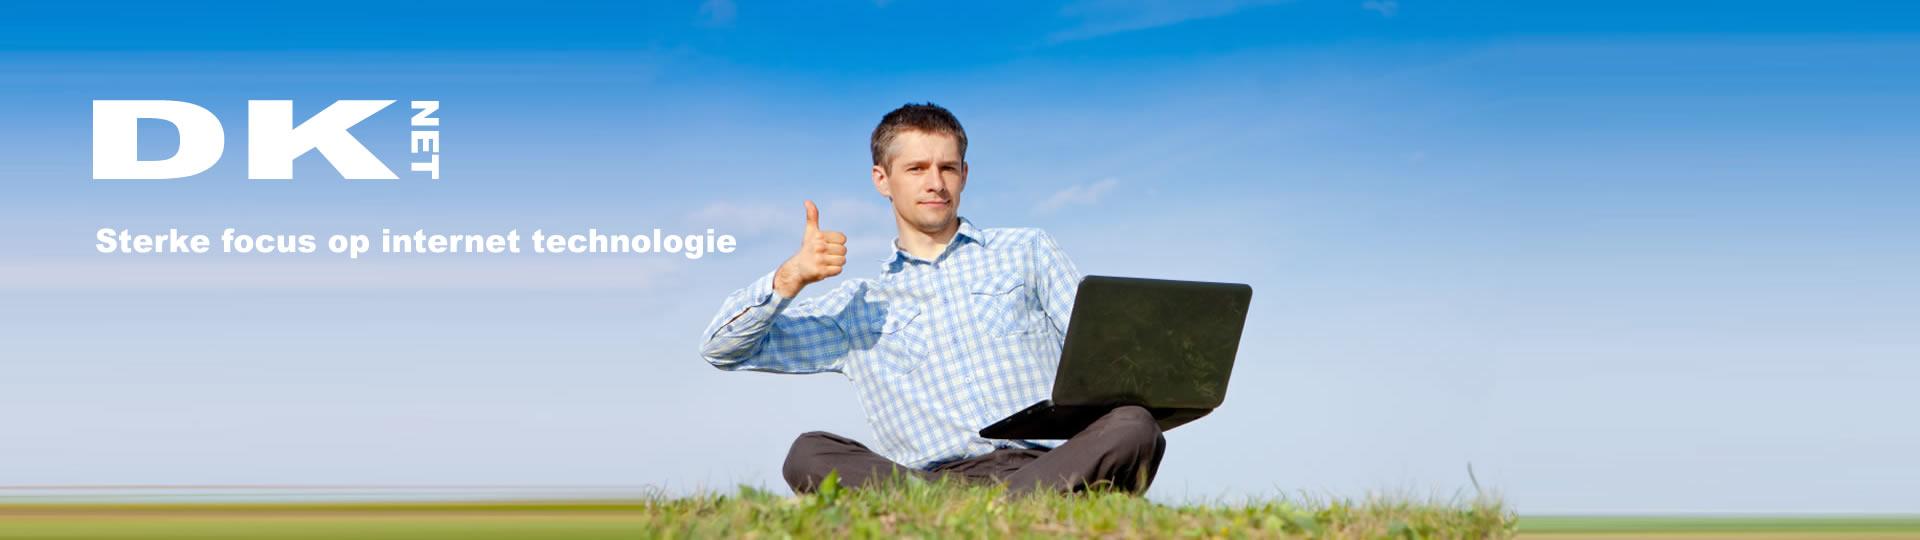 938b71276a1c8f879dd0941681996f69